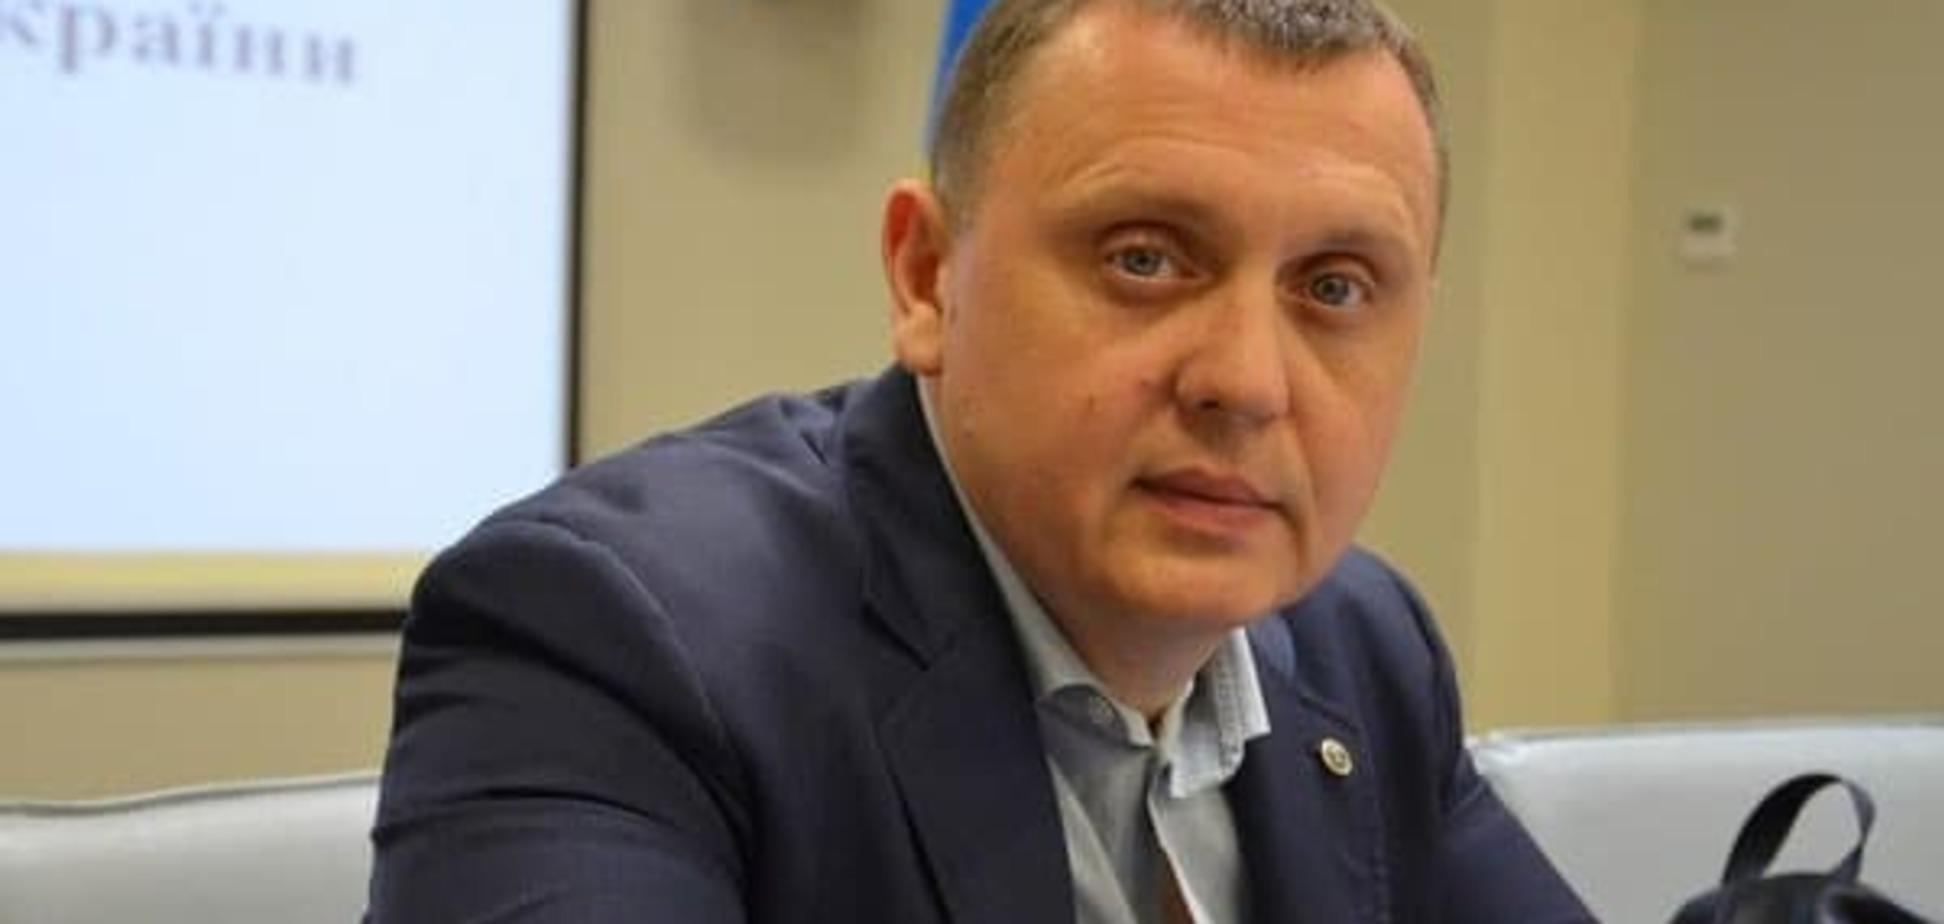 Отпустили под залог: суд отказался арестовать члена ВСЮ Гречковского